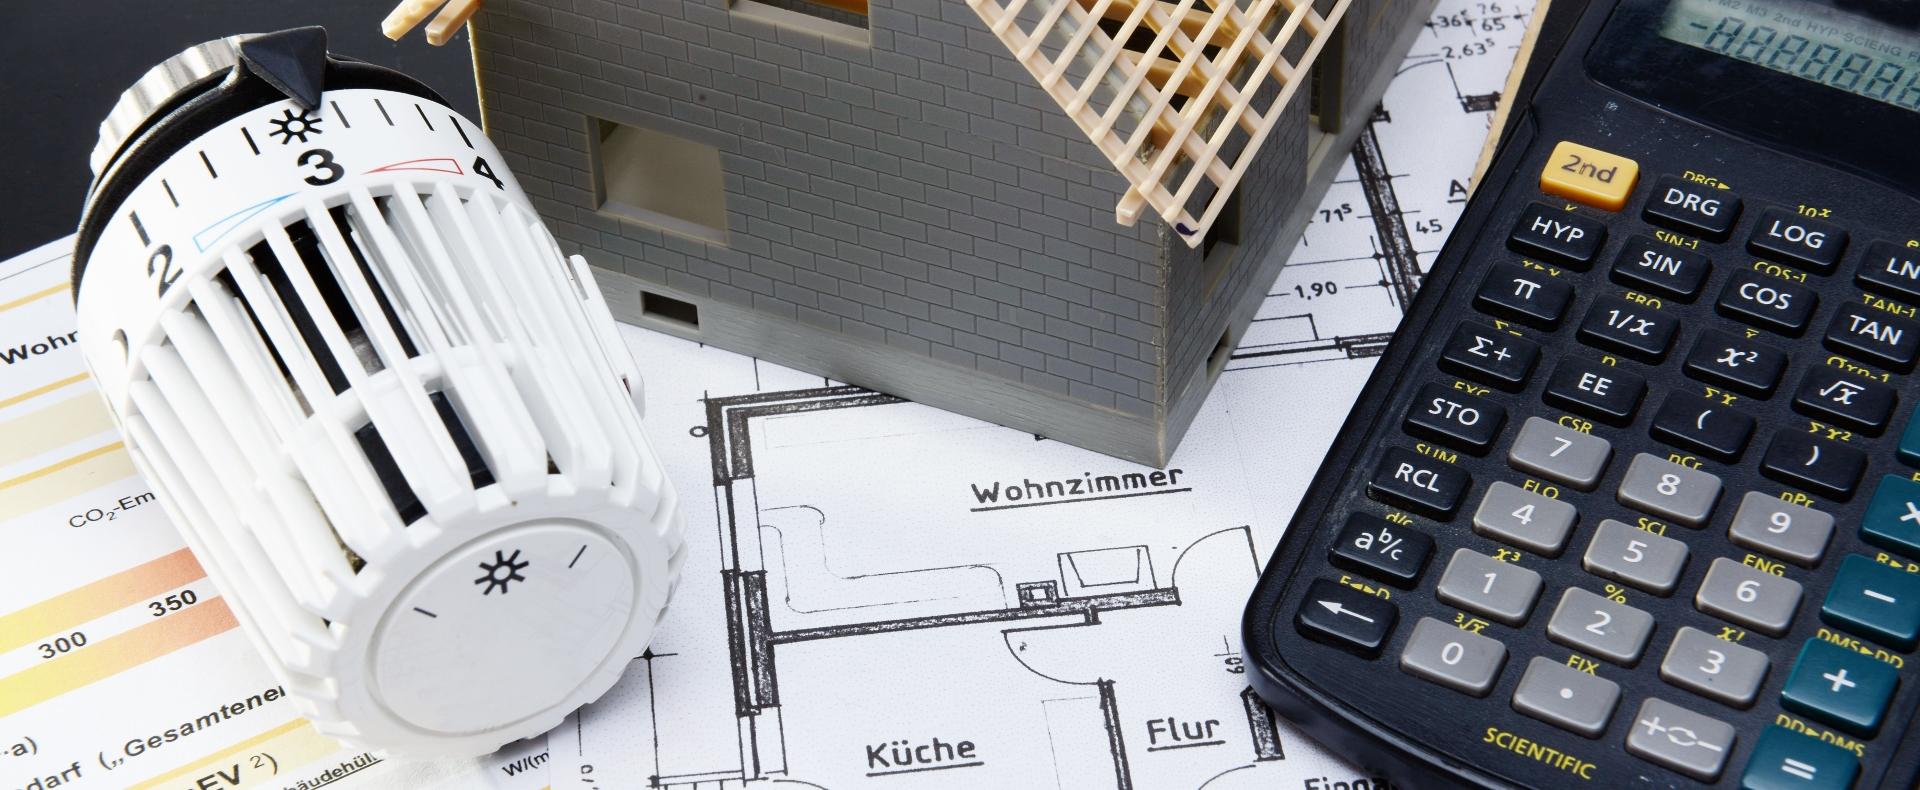 Energetische Gebäudesanierung nimmt Fahrt auf – 100.000 Anträge in 135 Tagen